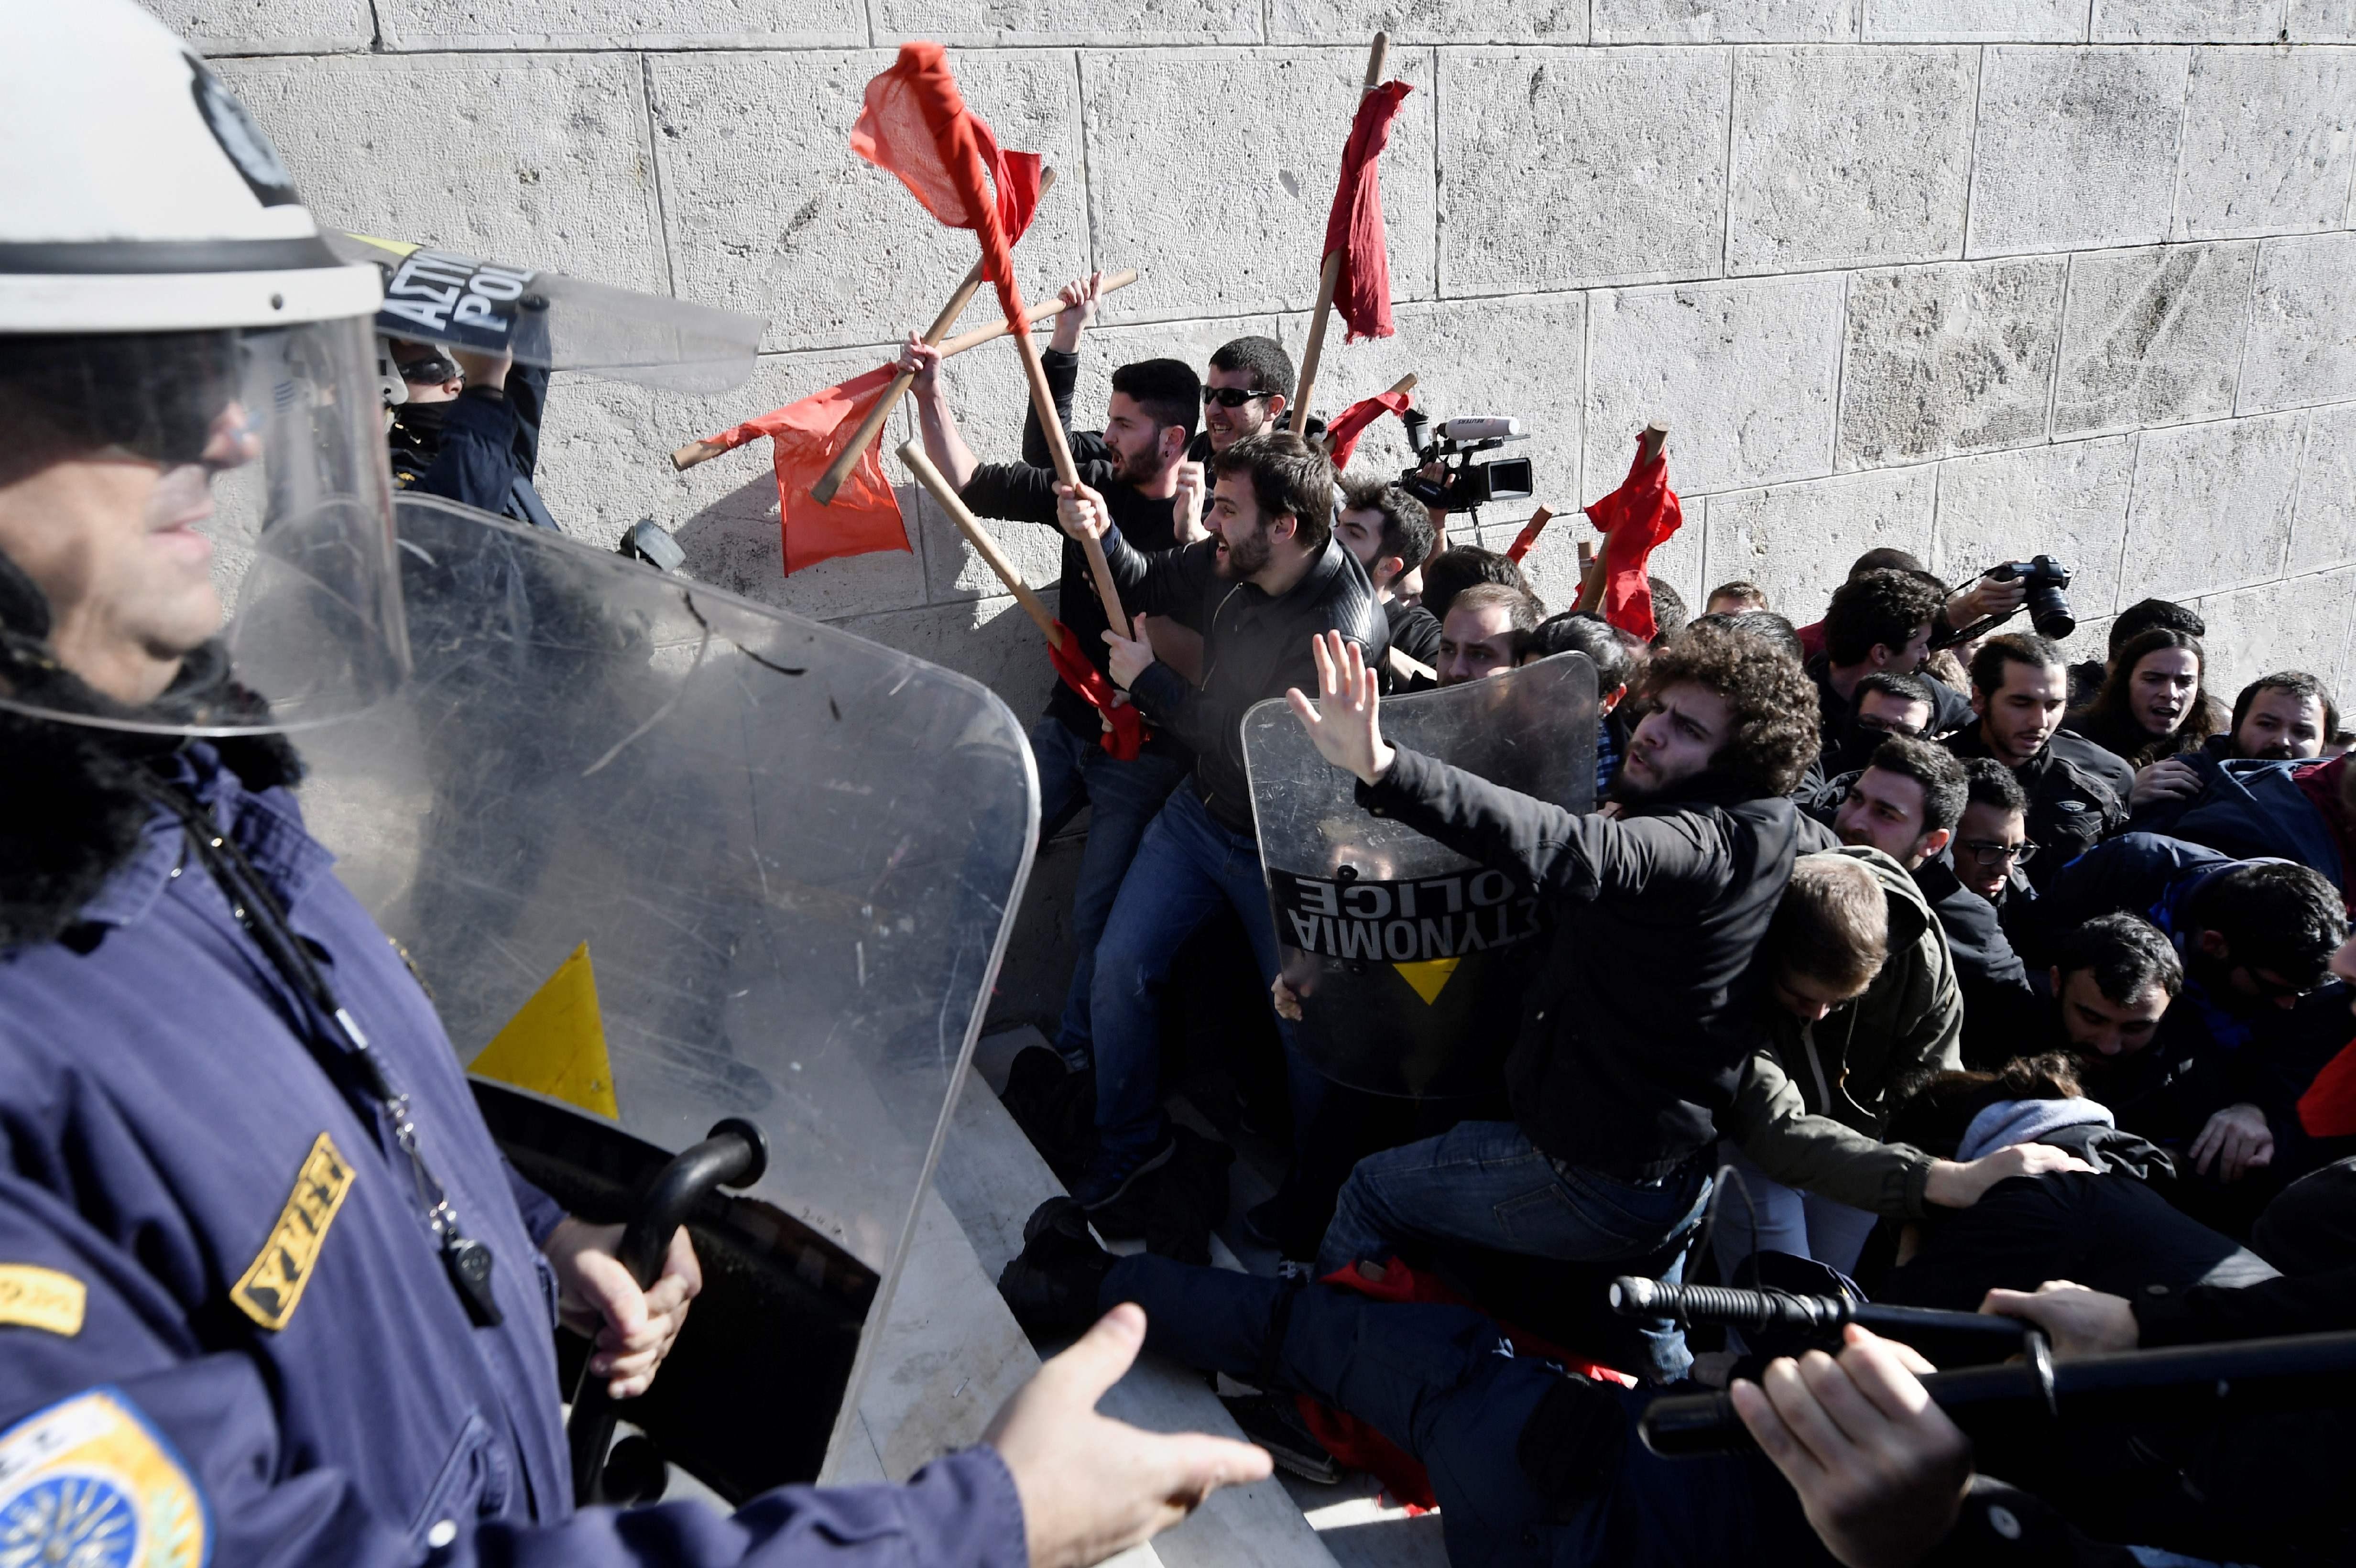 قوات مكافحة الشغب فى اليونان